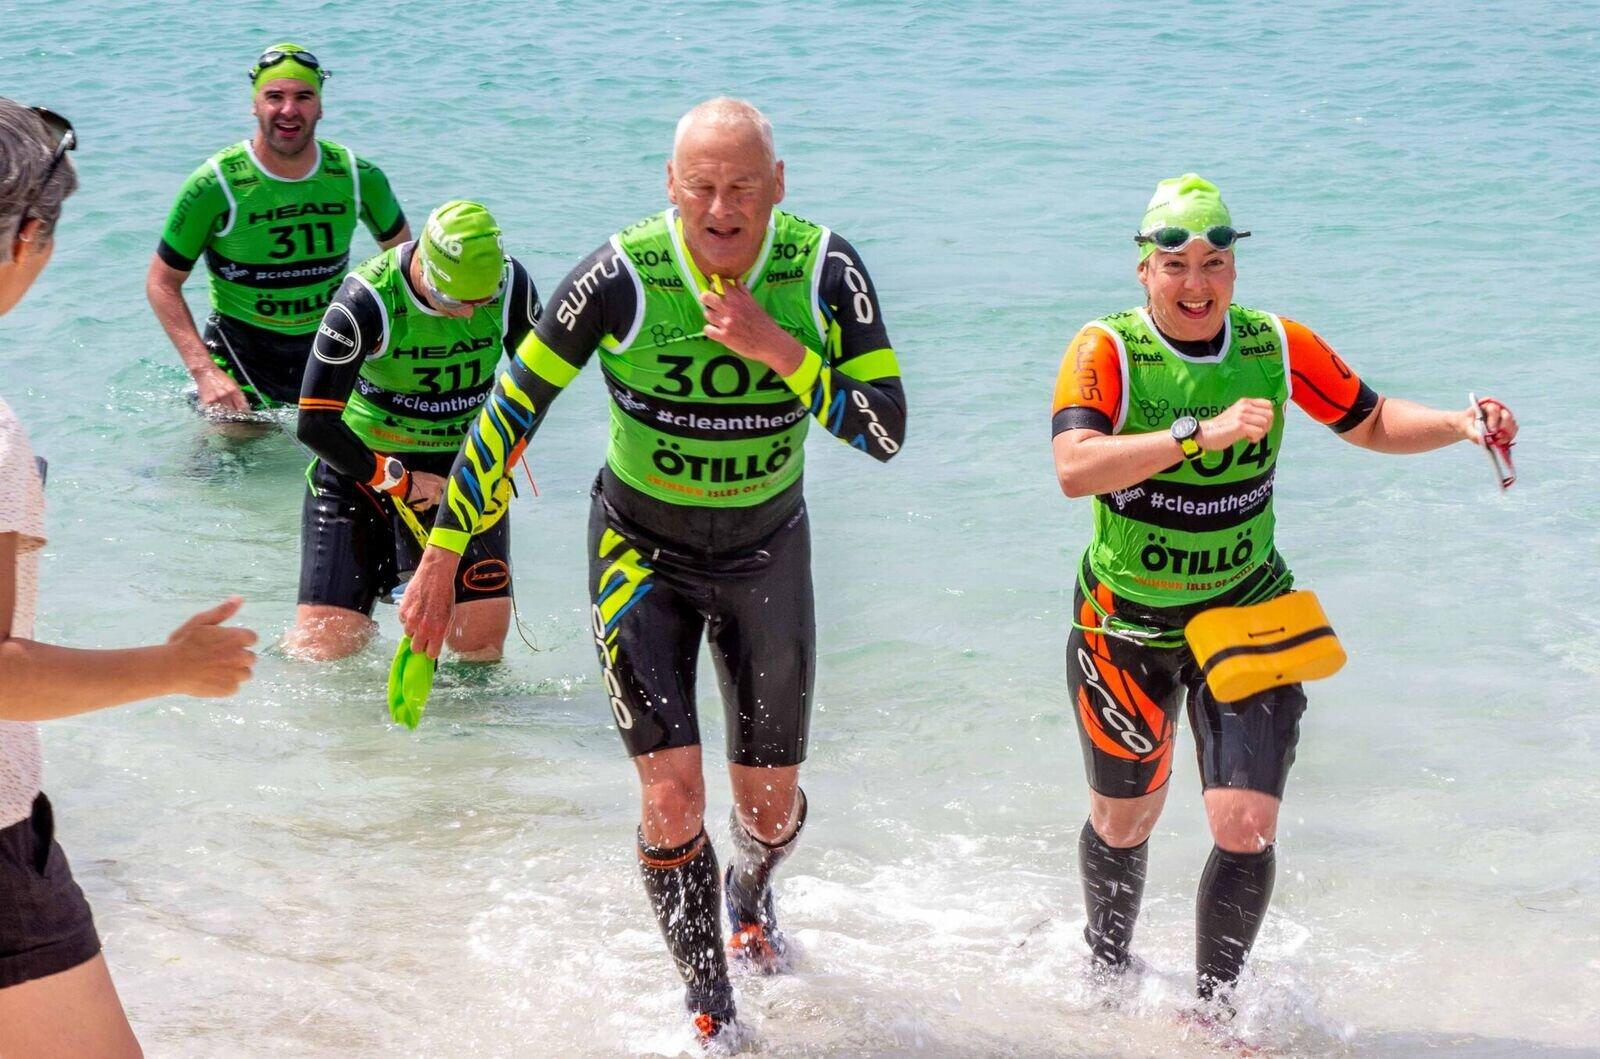 Triathlon coaching Brighton Swimrun Brighton Mike Porteous .jpg